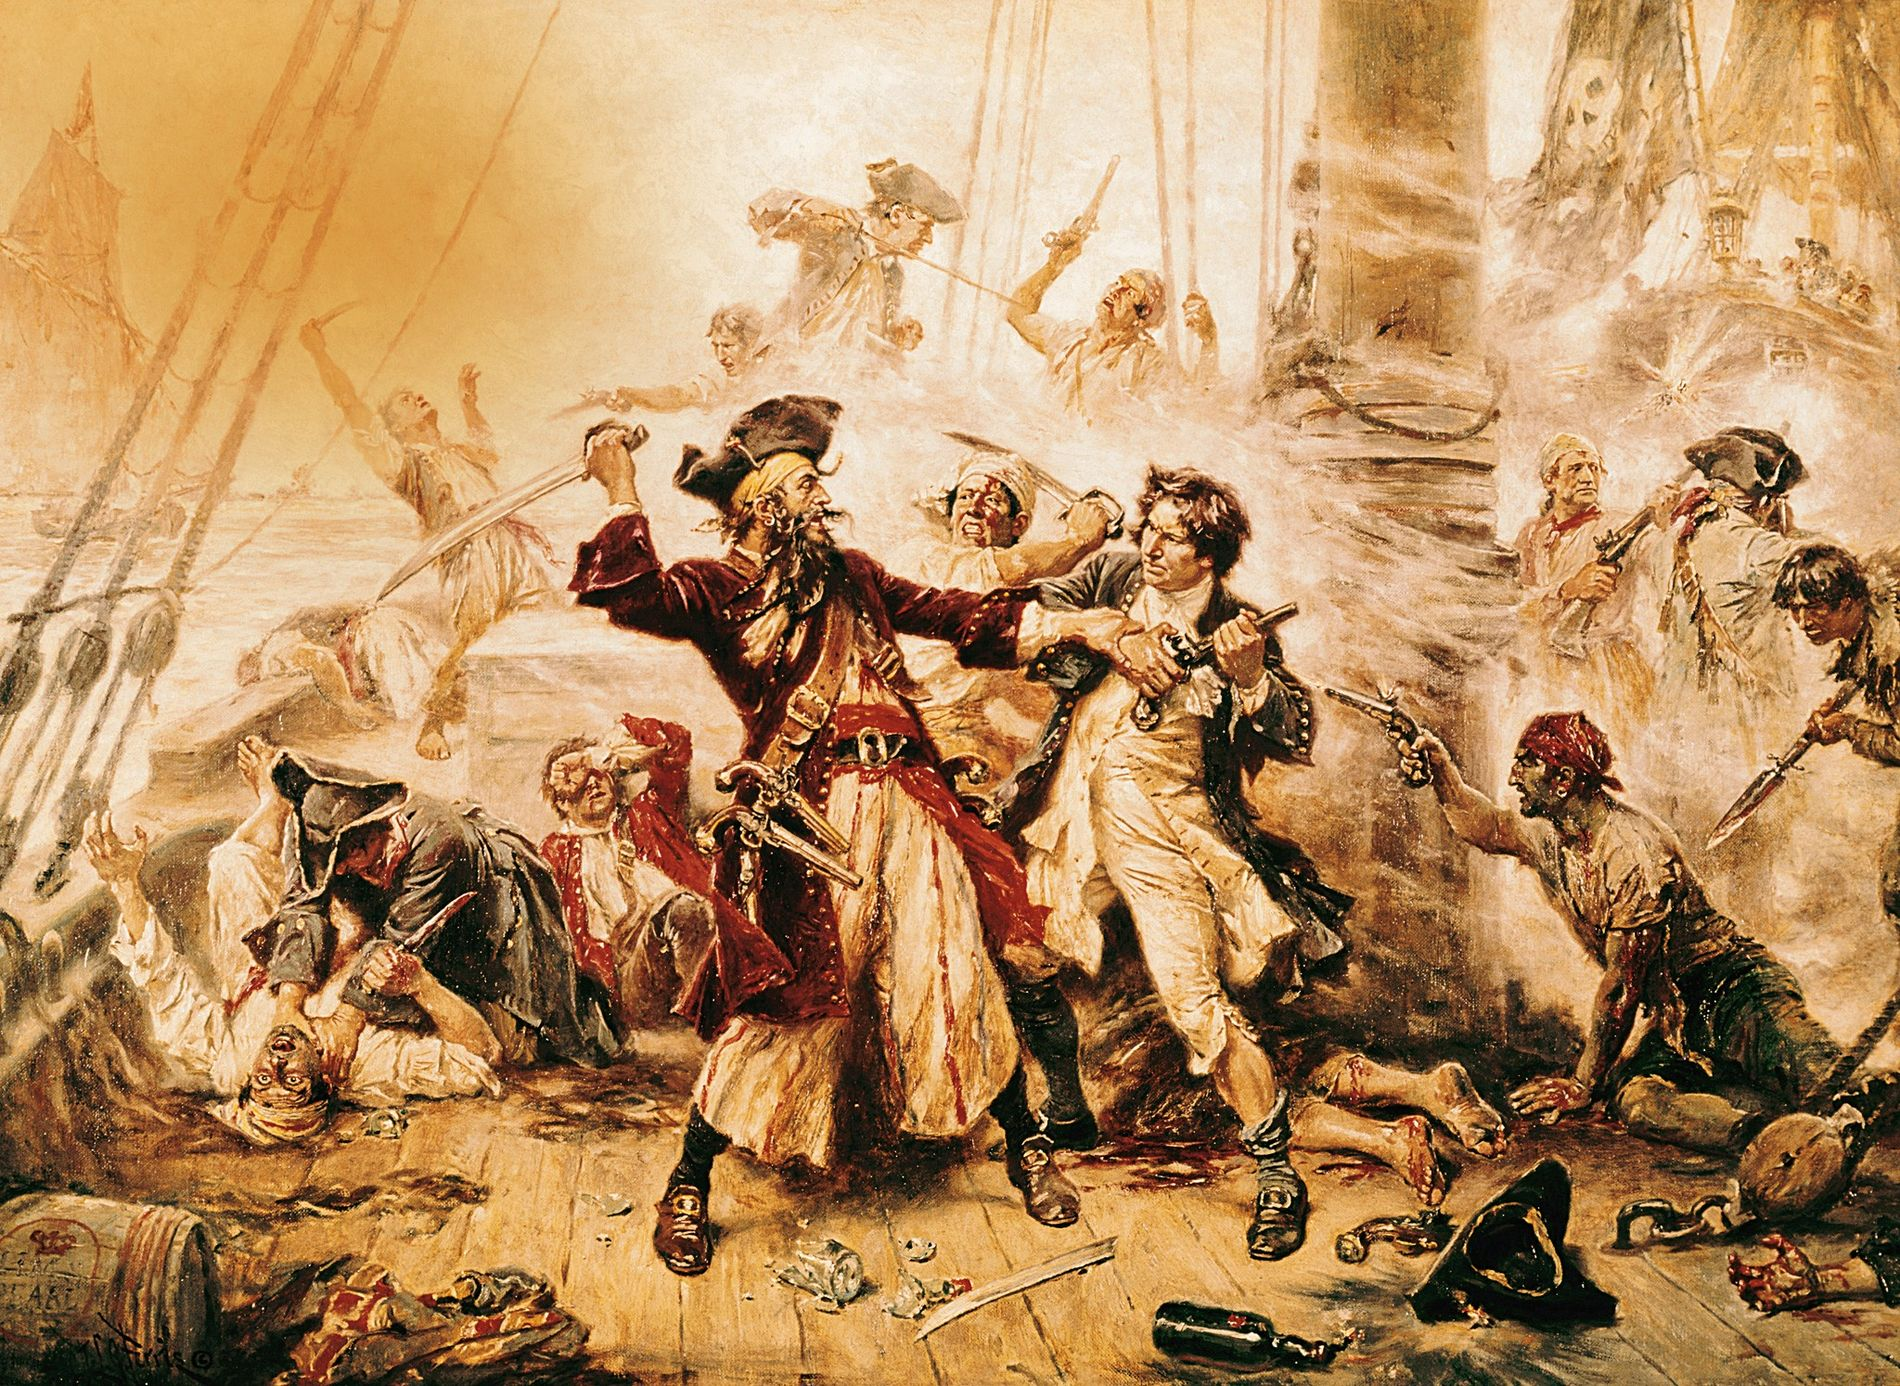 Cette peinture à l'huile de 1718 met en scène Barbe Noire lors de sa dernière bataille contre les troupes de Robert Maynard.